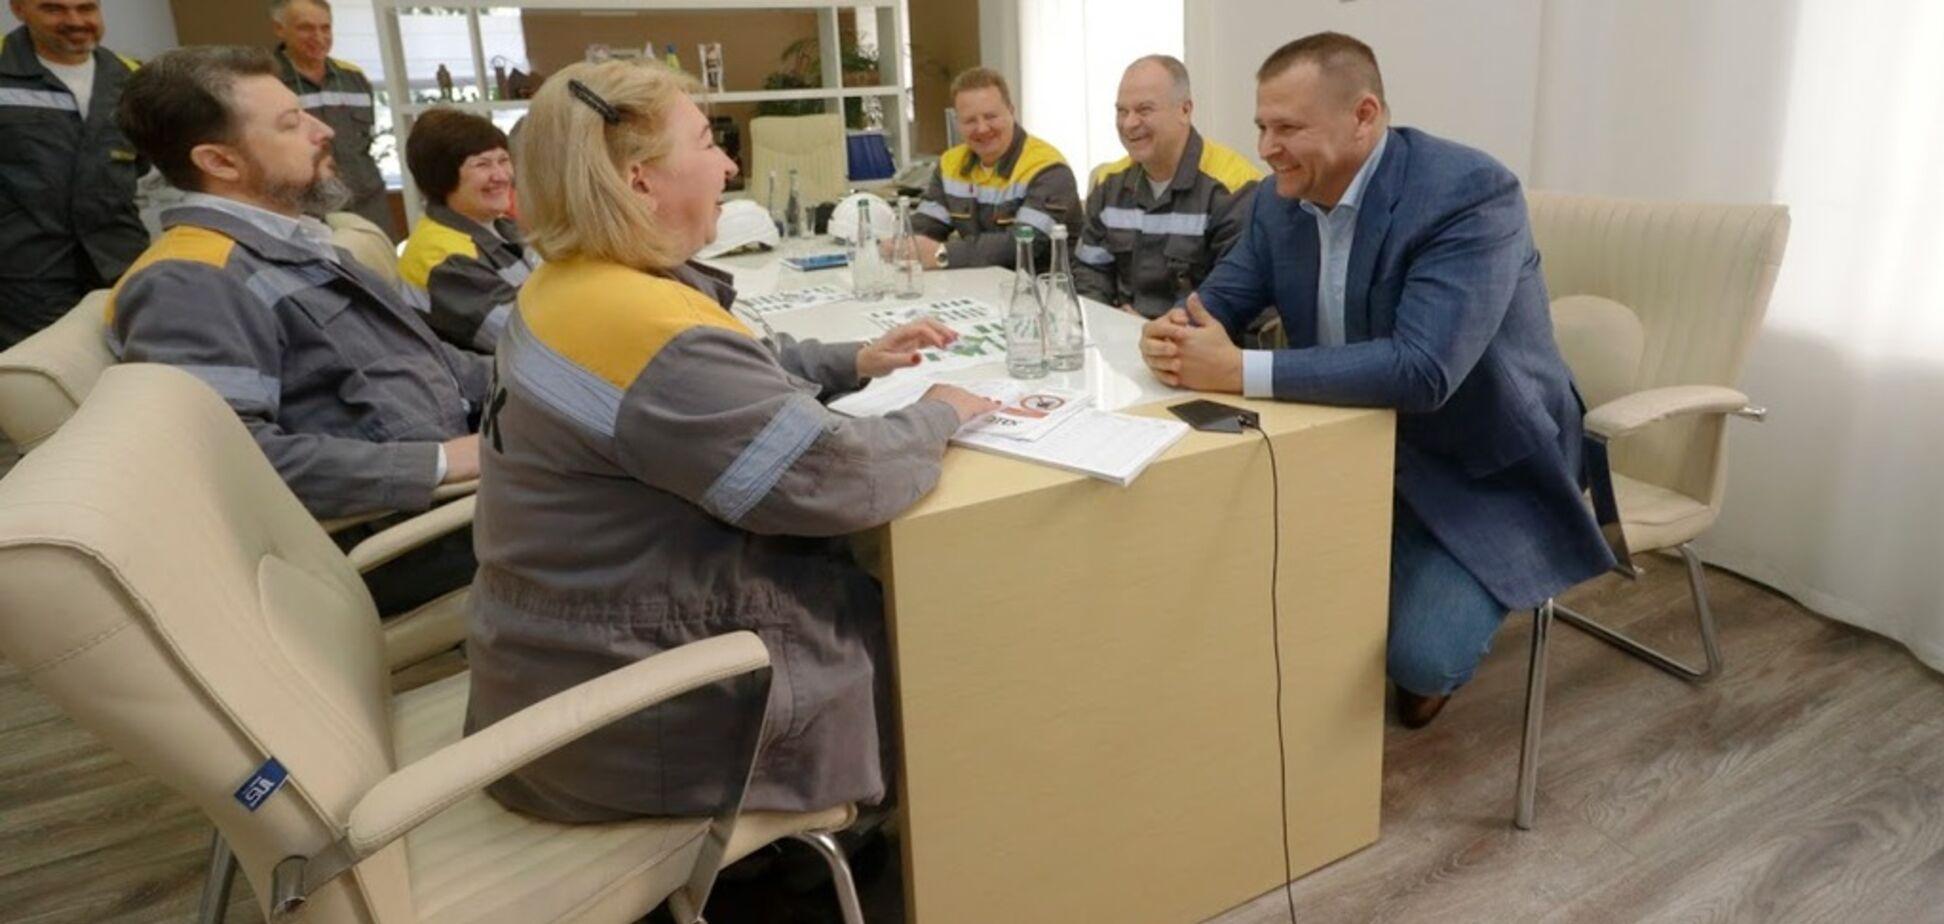 Борис Філатов закликав великі промислові підприємства Дніпра приєднатися до екологічного переоснащення потужностей